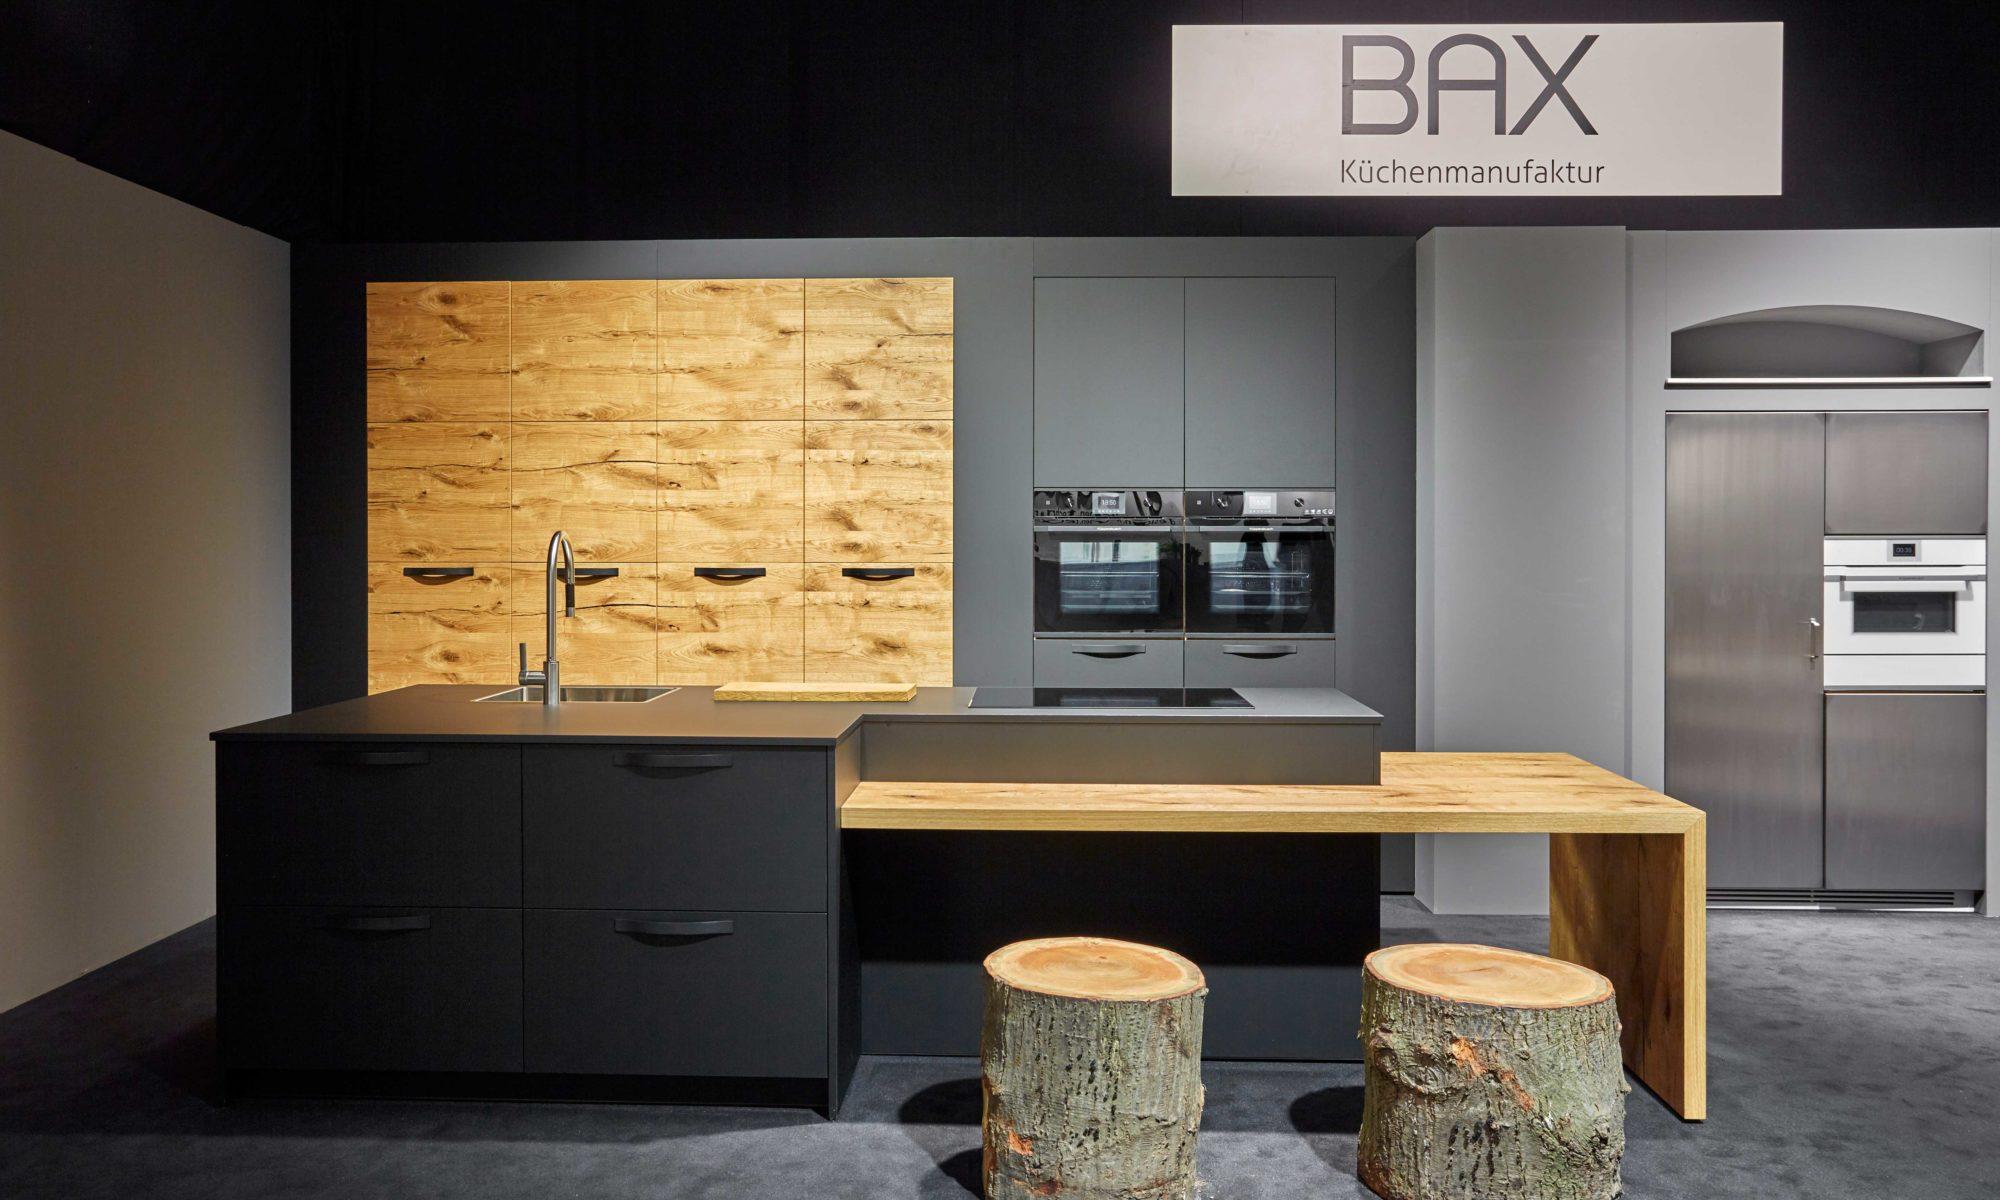 BAX, Küche, modern, Design, Holz